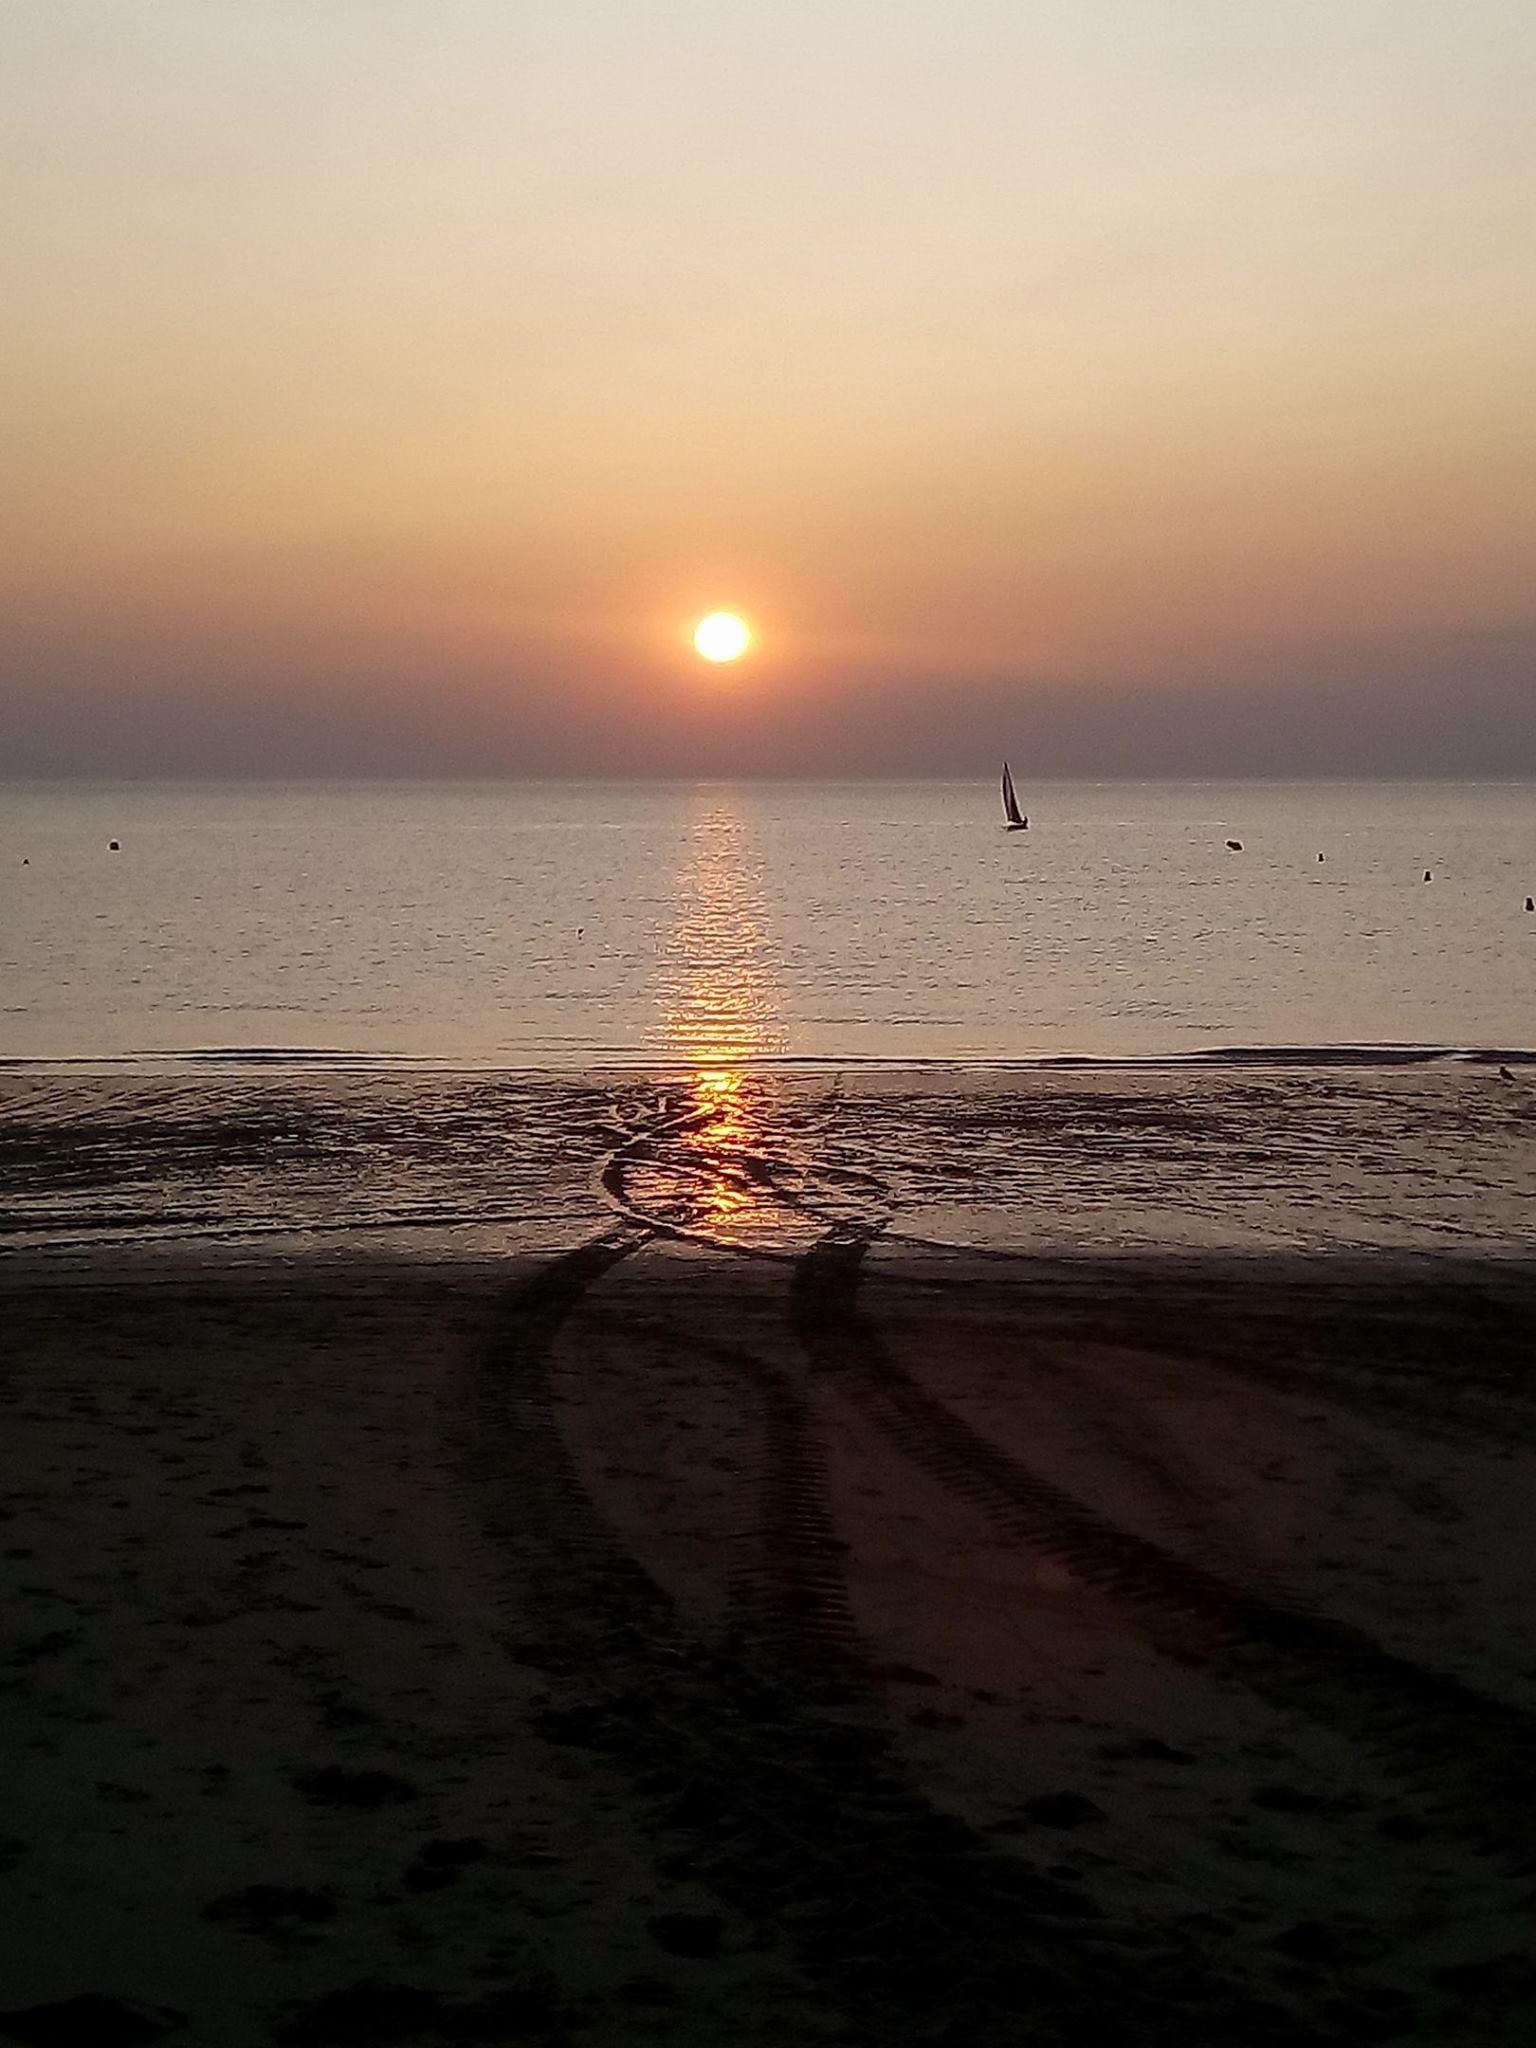 Cette superbe photo du soleil se couchant sur la mer, prise hier par Romaric, peut-être un message d'espoir que demain l'astre se lèvera encore !